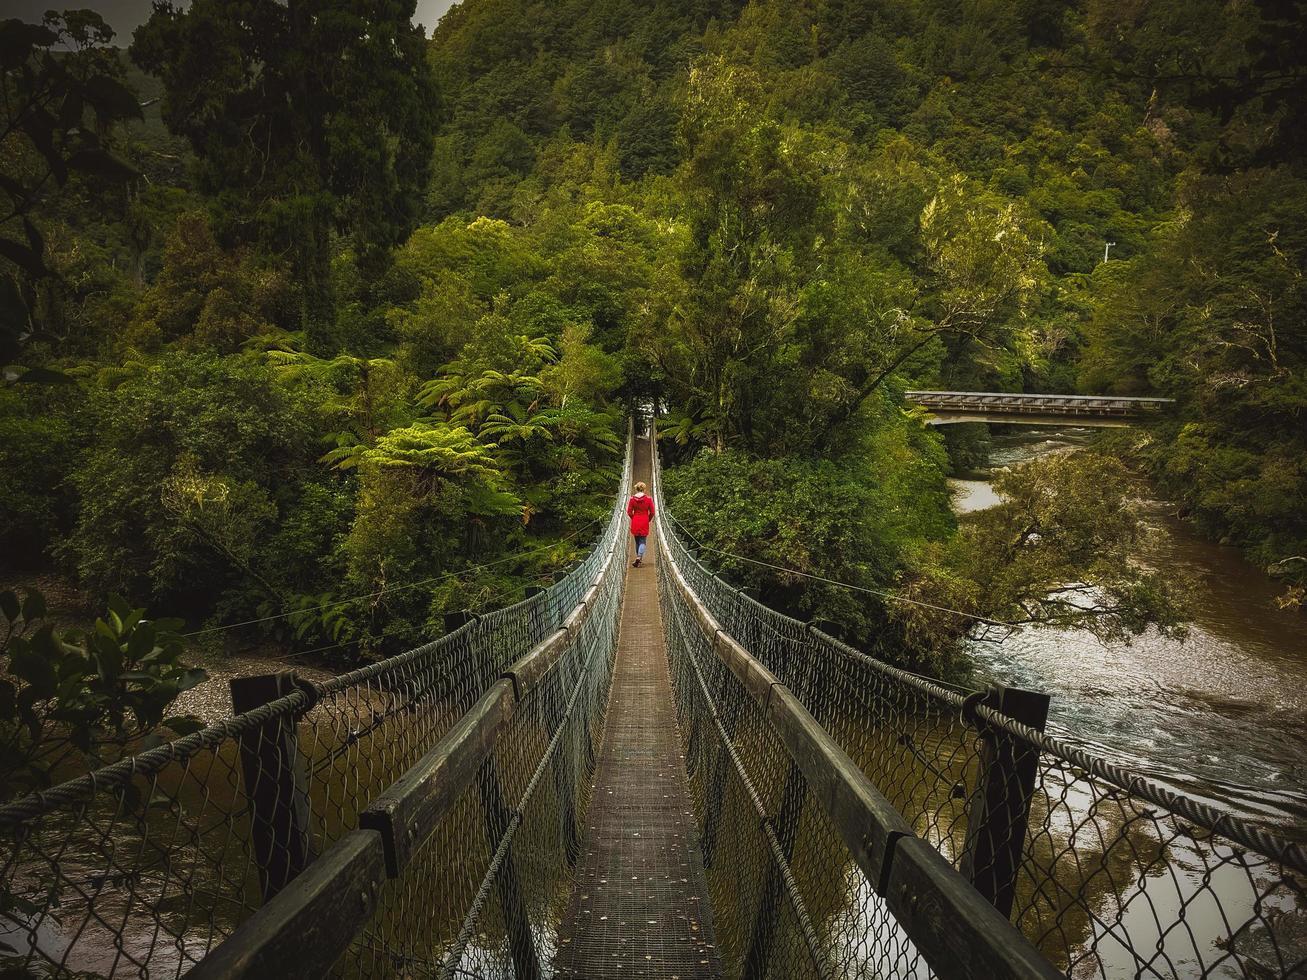 pessoa na ponte de pedestres foto